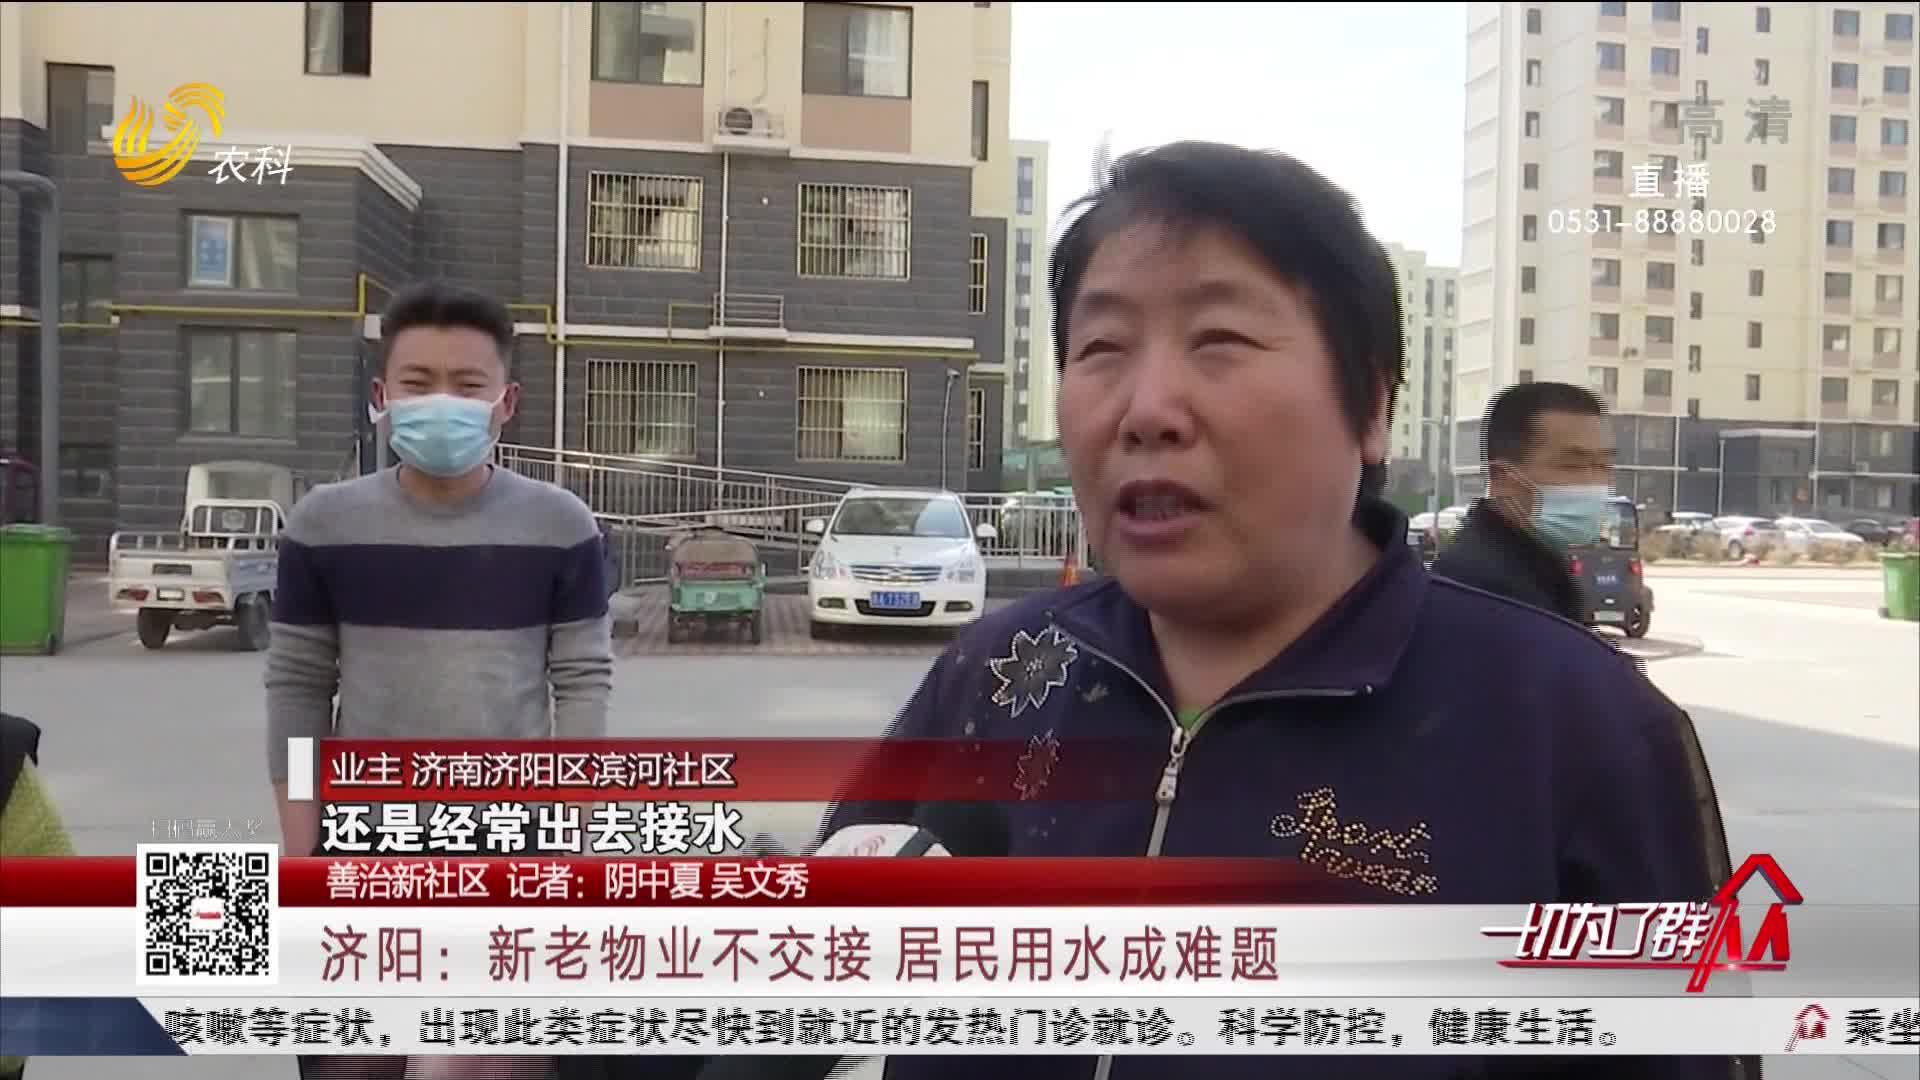 【善治新社区】济阳:新老物业不交接 居民用水成难题